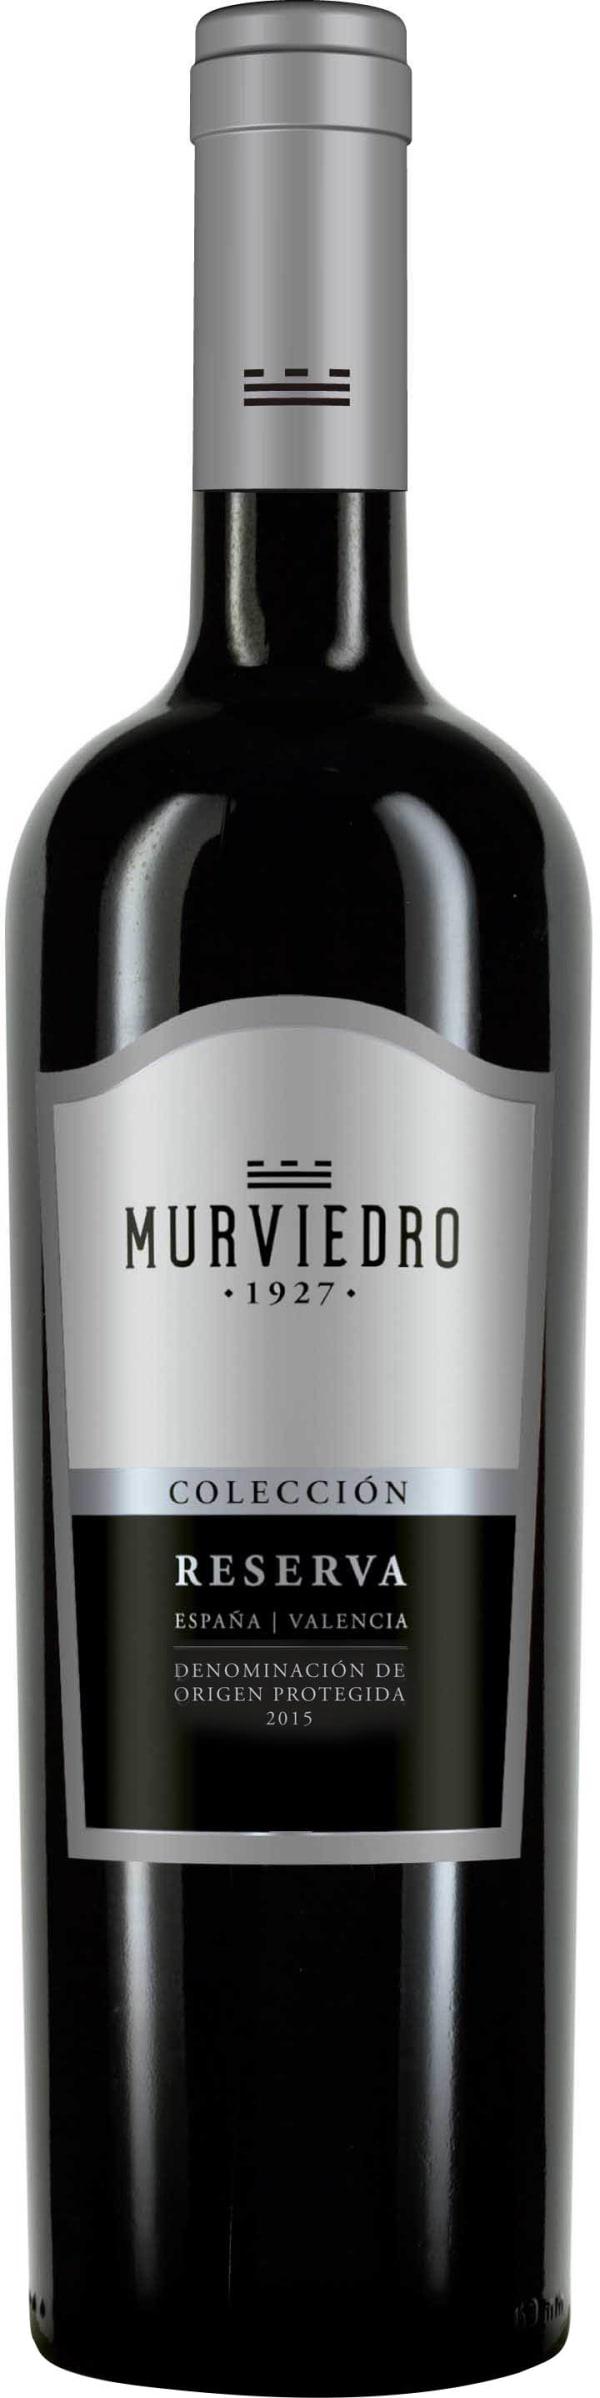 Murviedro Colección Reserva 2012